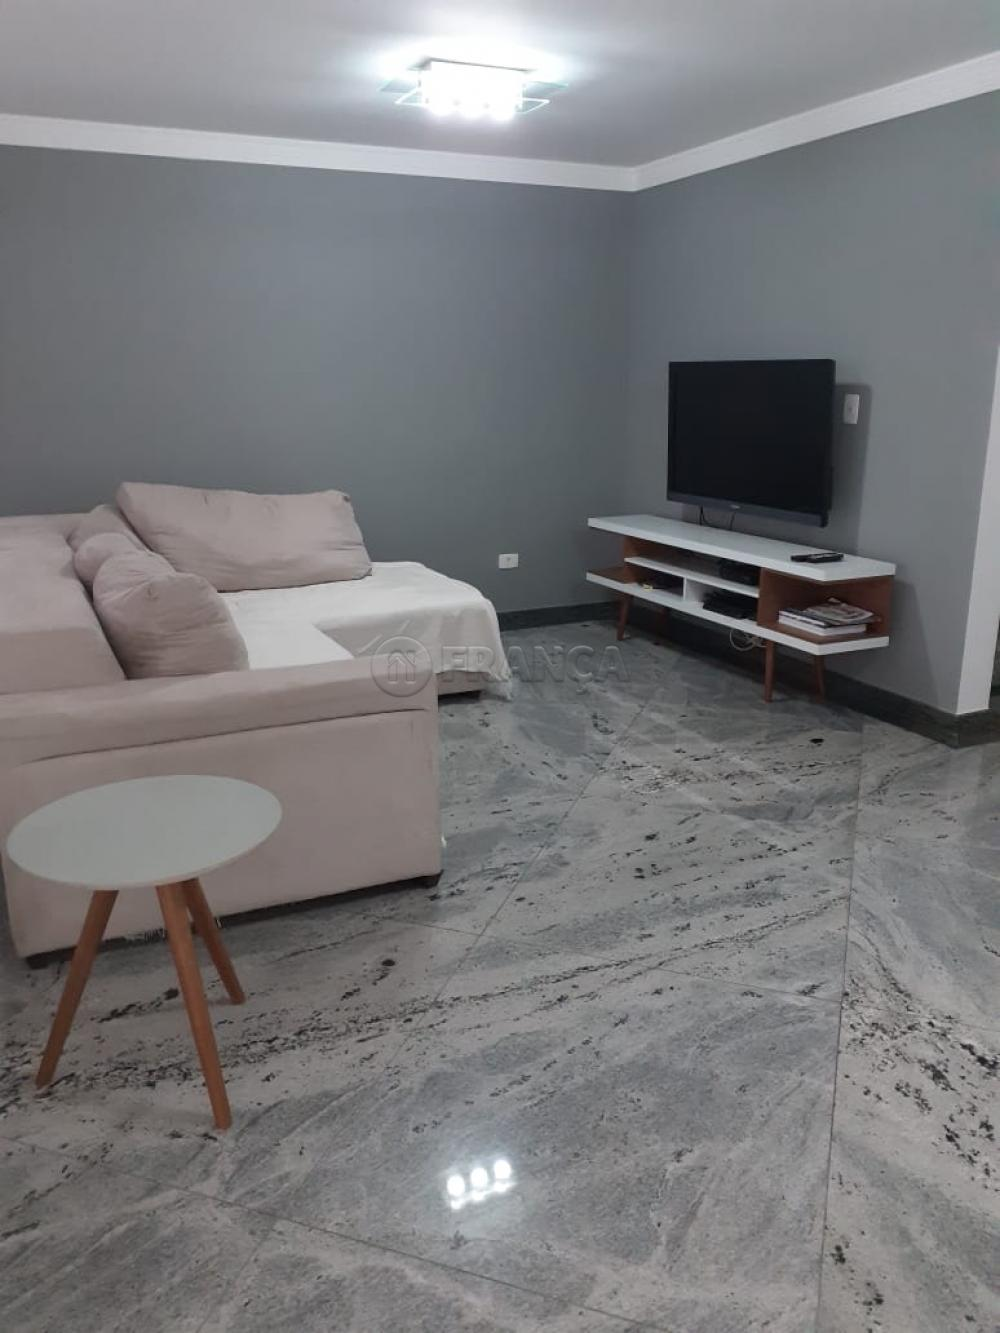 Comprar Casa / Condomínio em Jacareí apenas R$ 750.000,00 - Foto 4